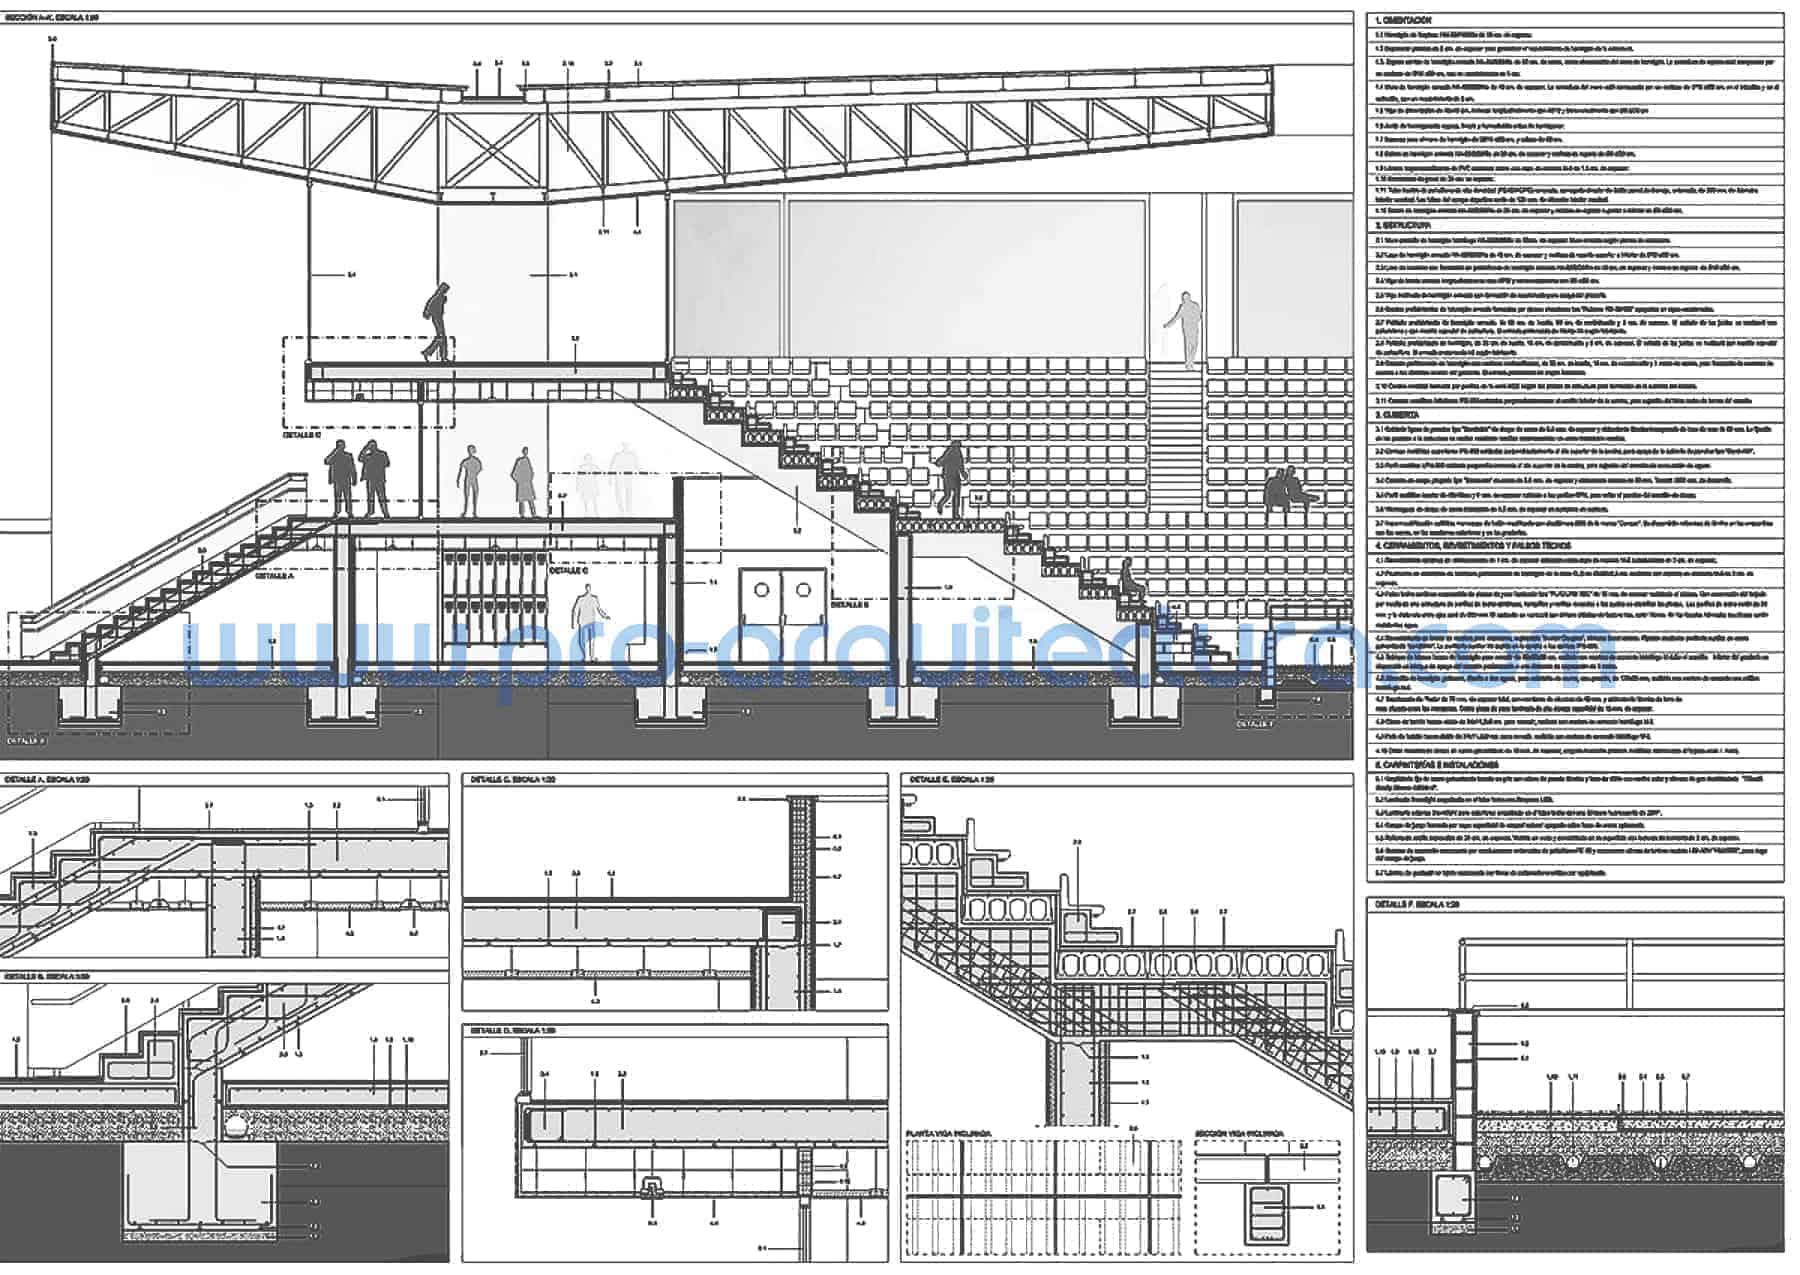 0046-01 Estadio deportivo - Sección y detalles constructivos - Ayuda con la entrega del pfc pfg tfg tfm de arquitectura.